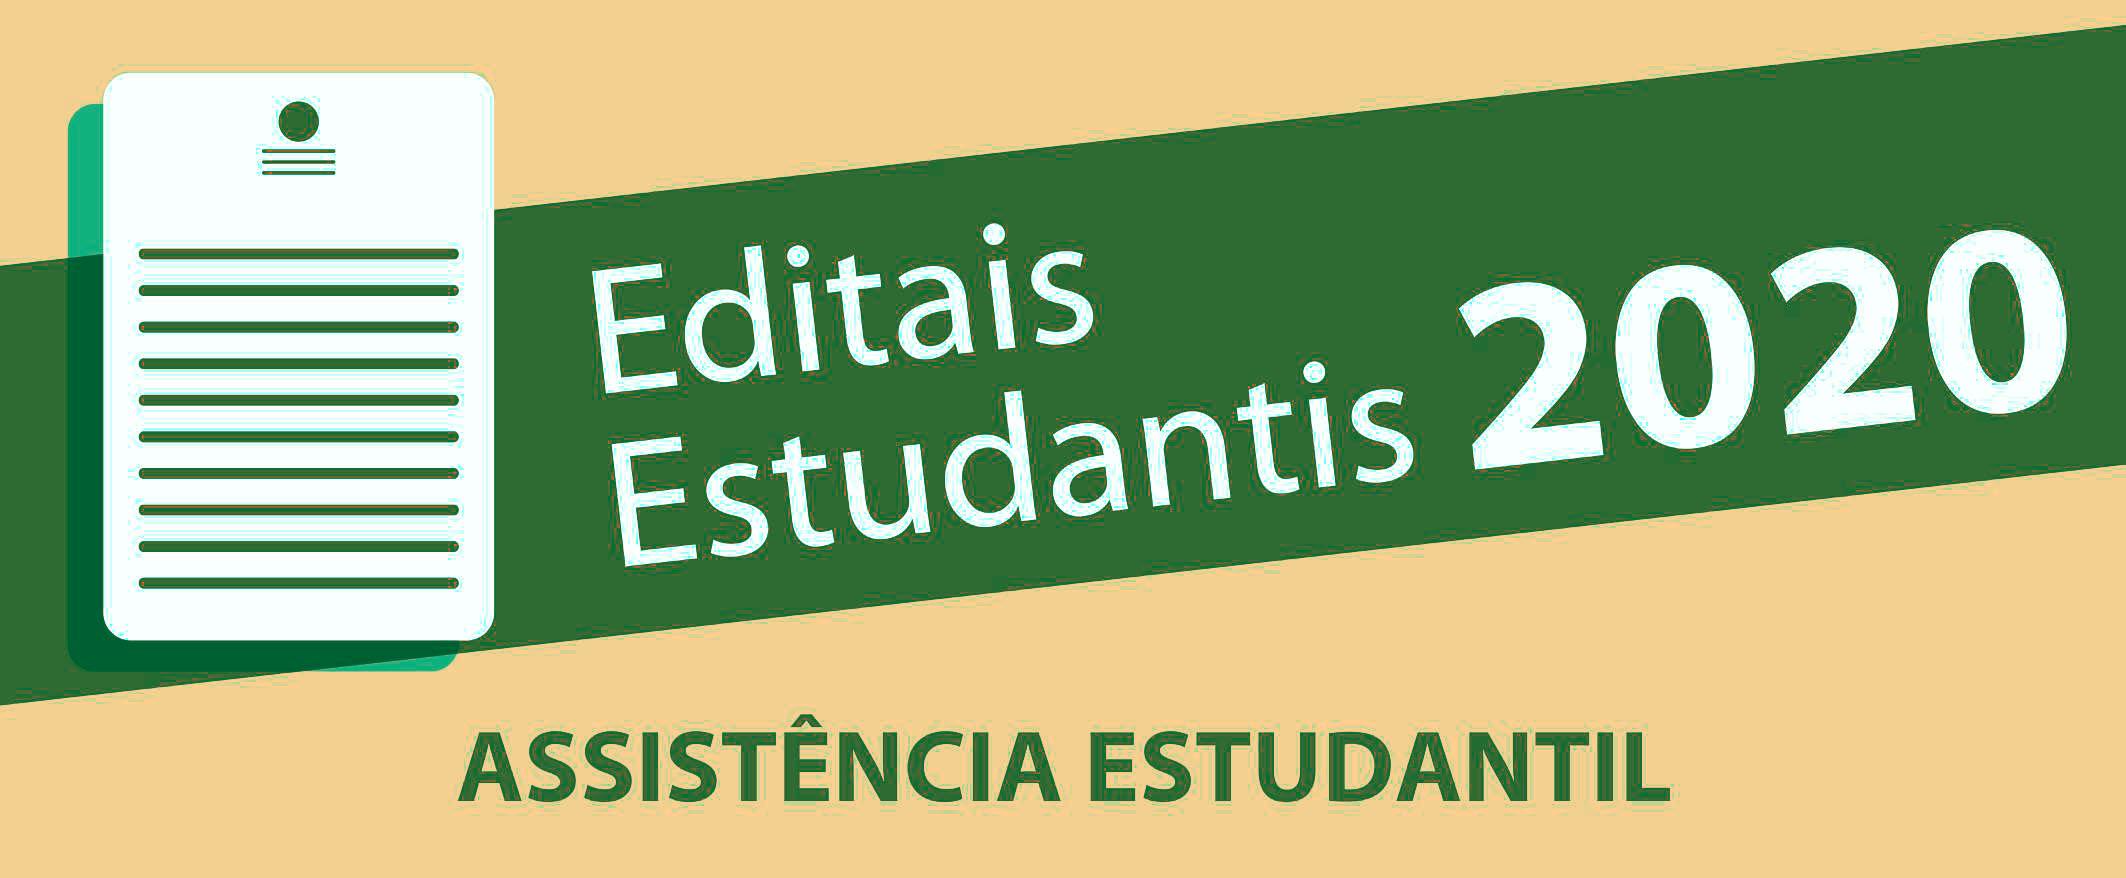 Editais estudantis 2020